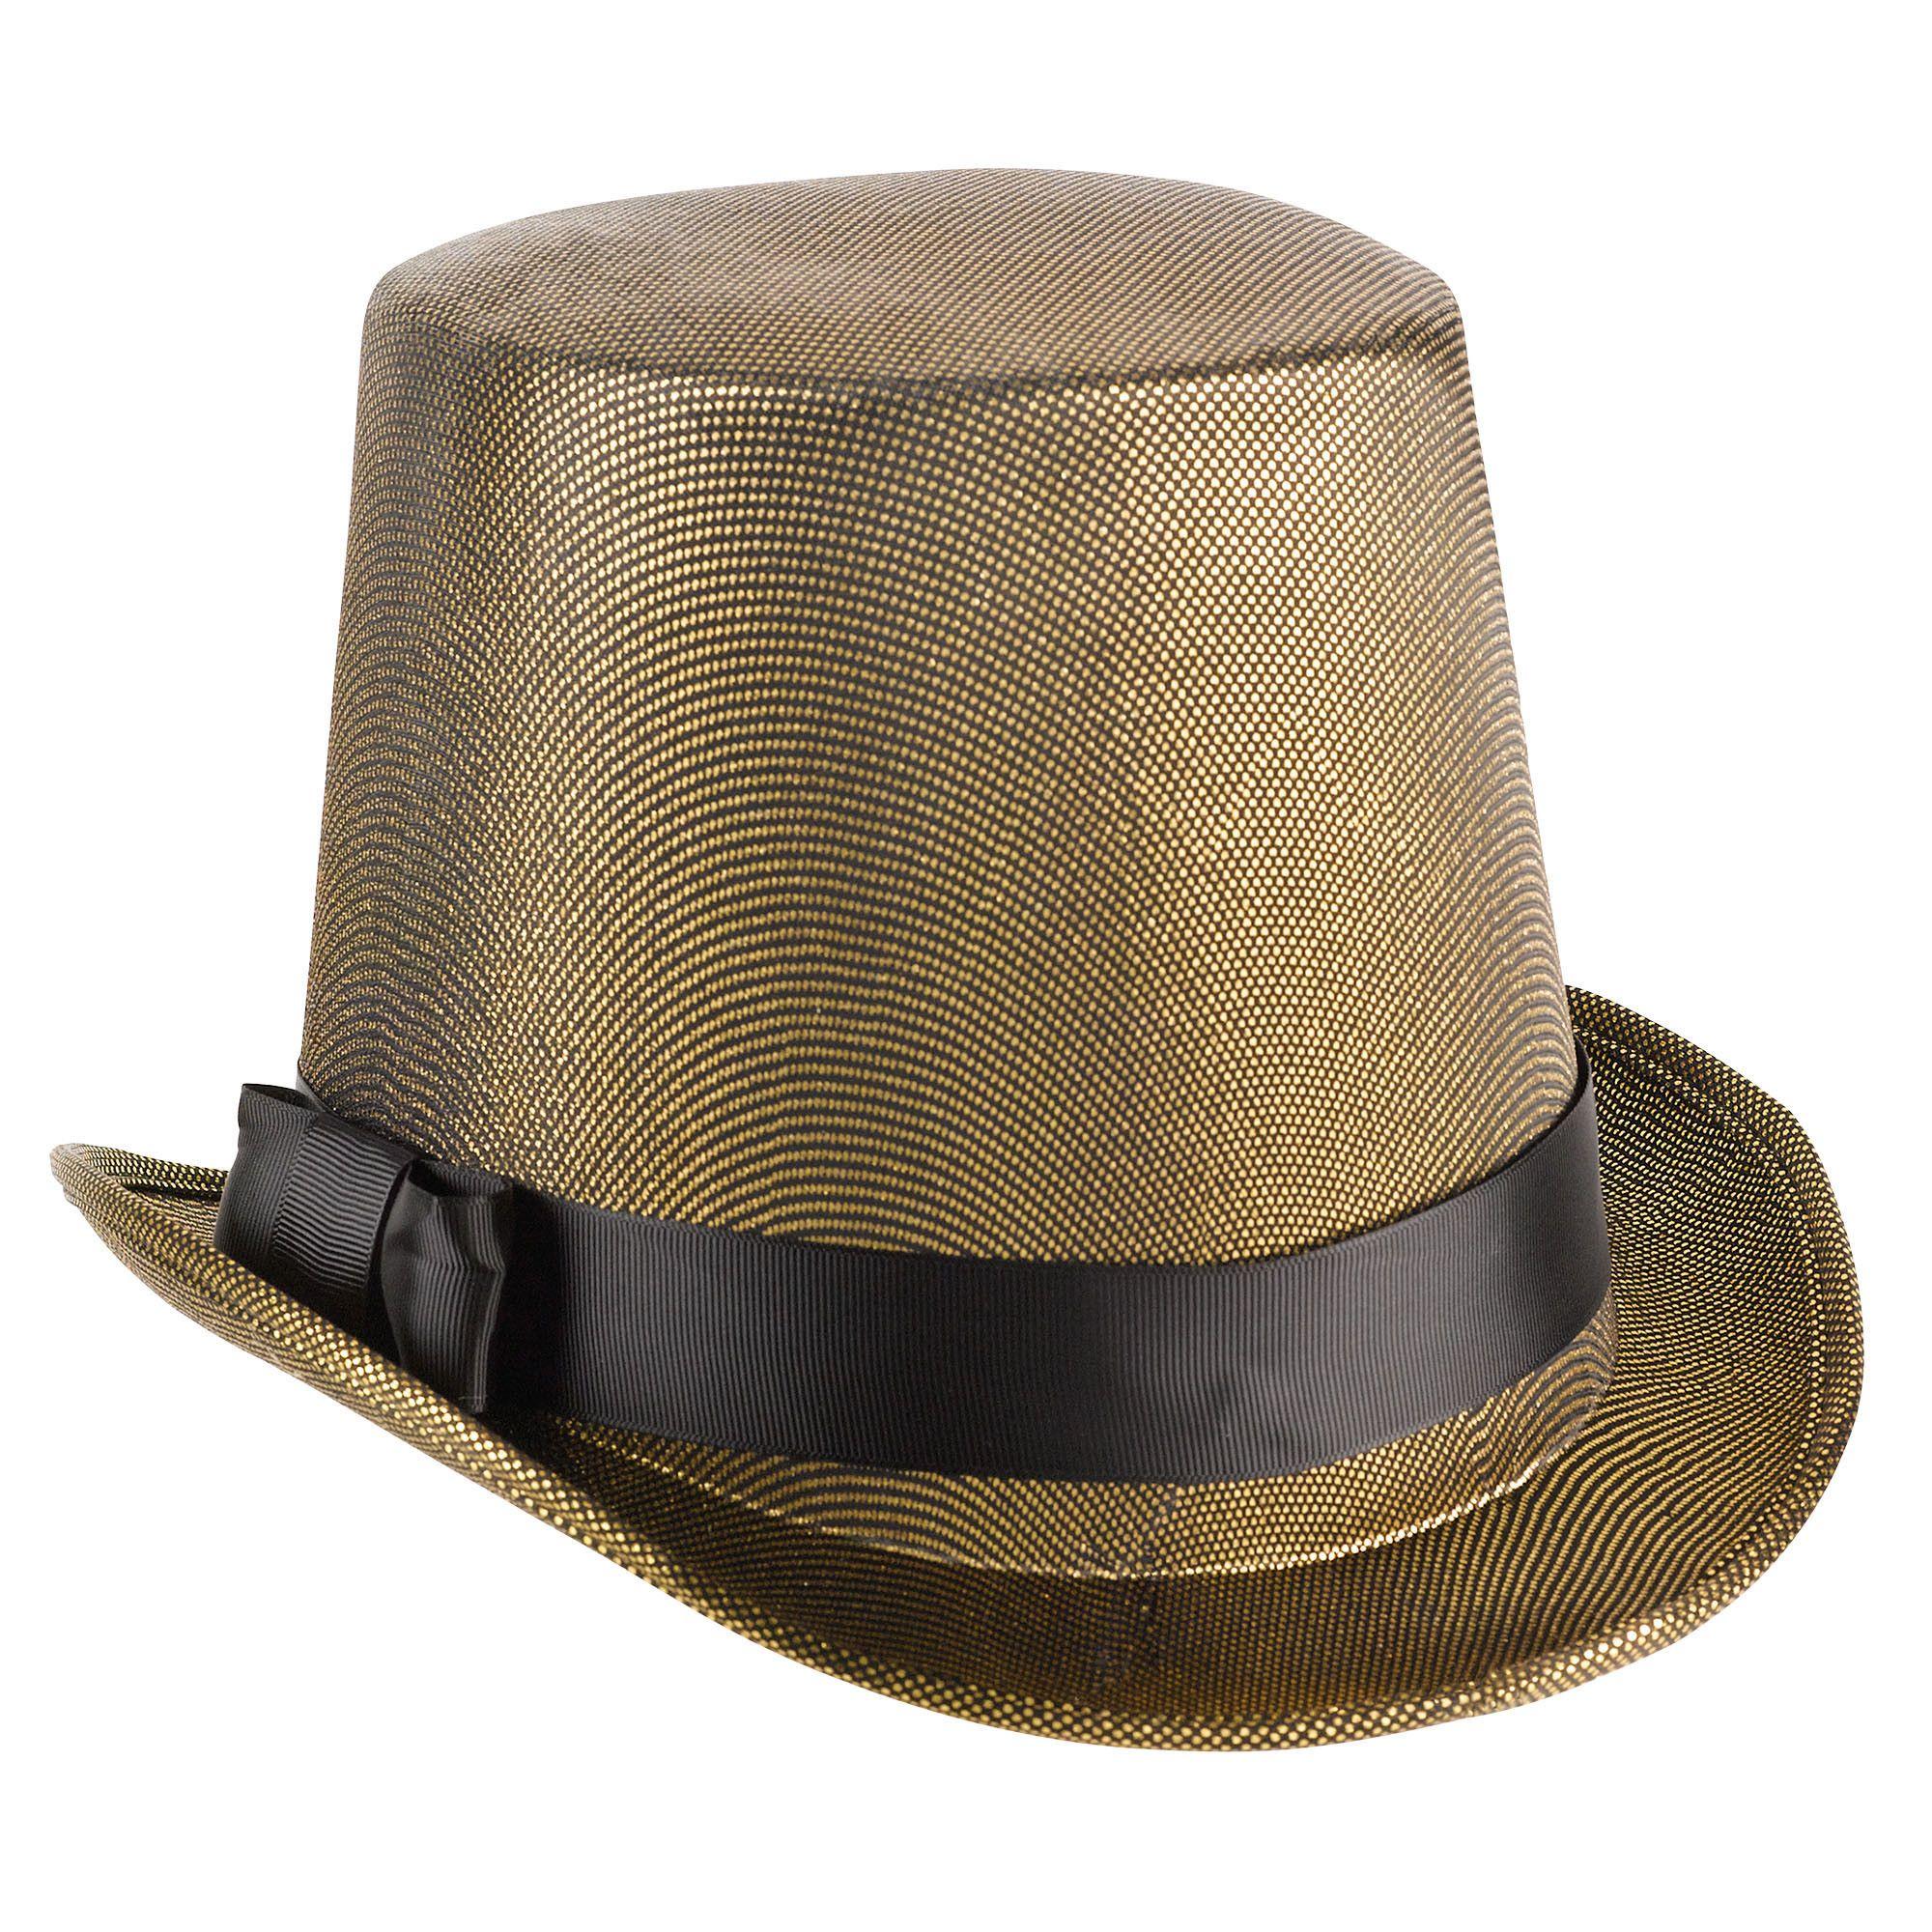 BSG Glitzy Top Hat